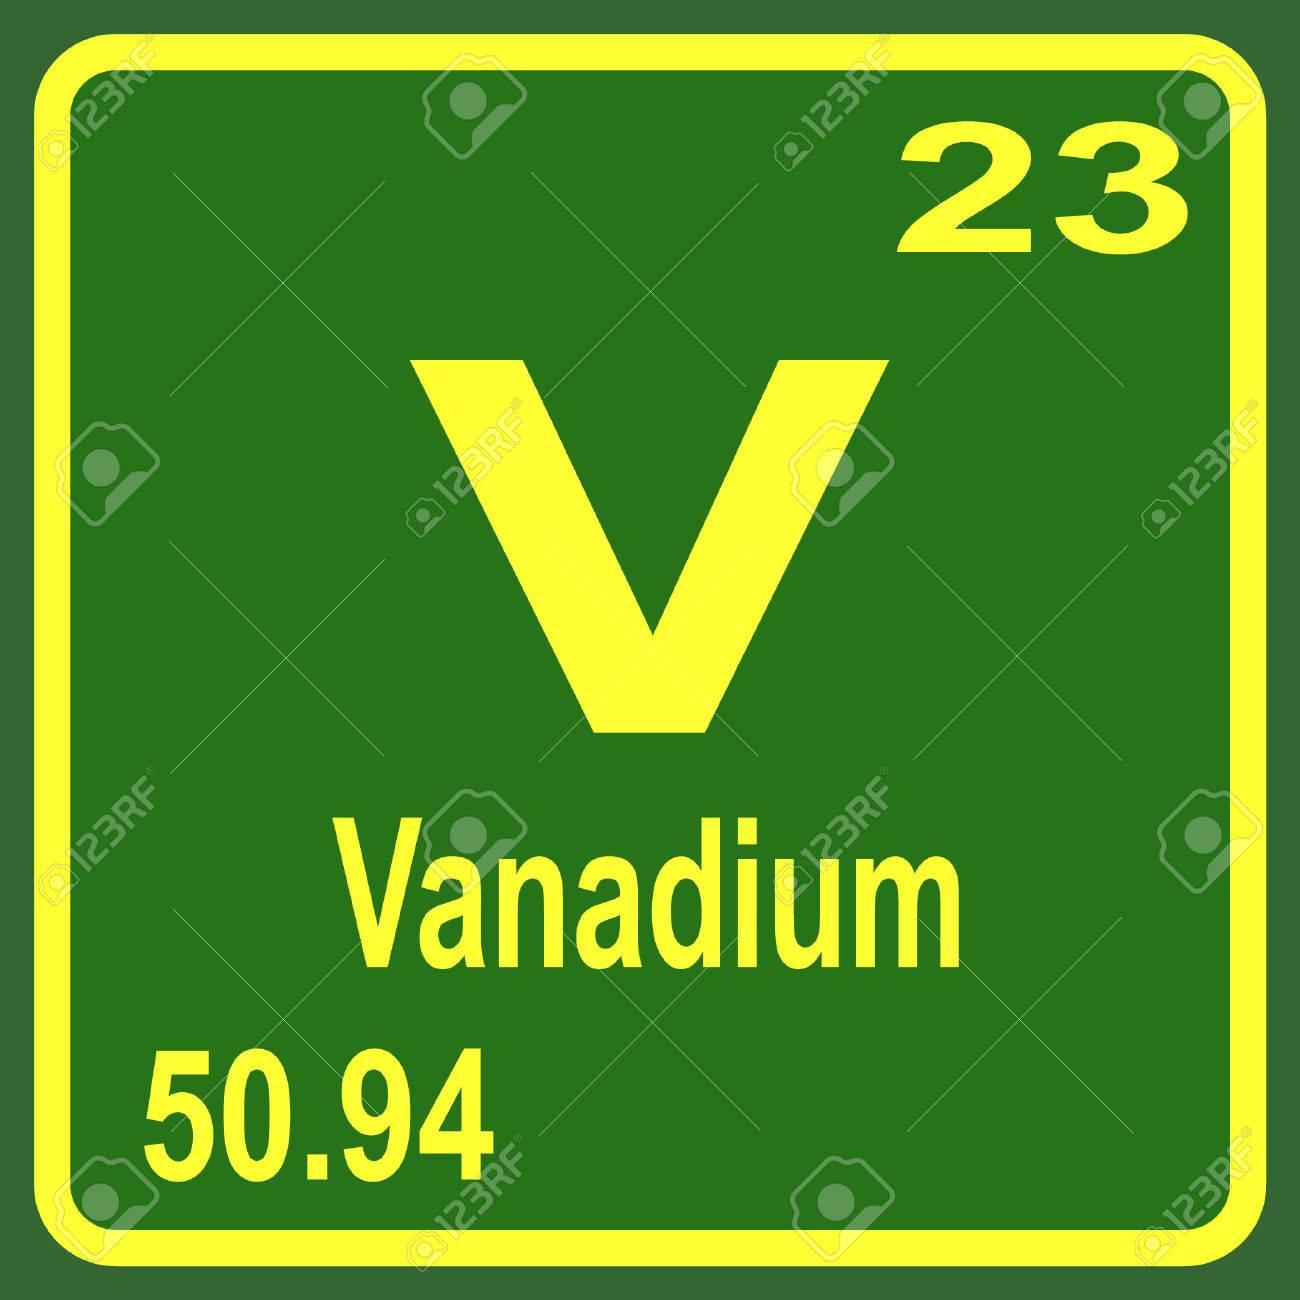 Tabla peridica de los elementos vanadio ilustraciones vectoriales foto de archivo tabla peridica de los elementos vanadio urtaz Image collections